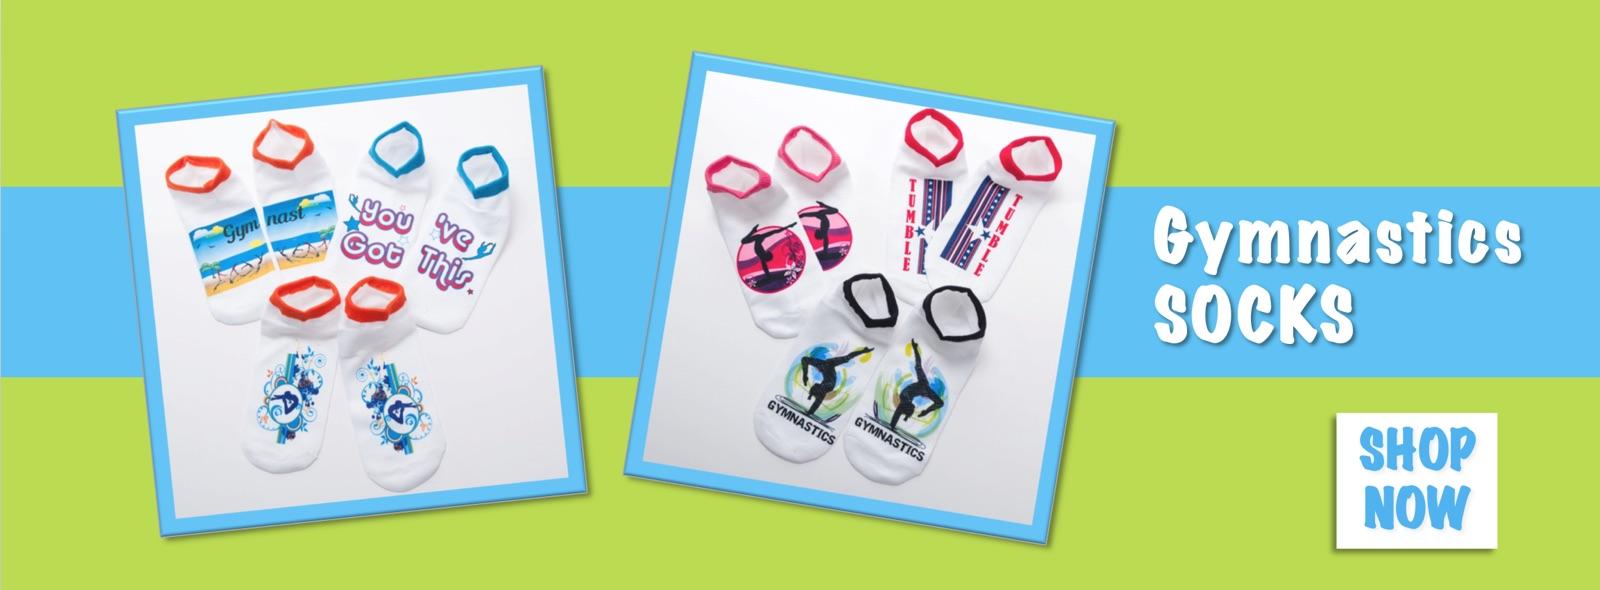 Buy Gymnastics Socks - Huge Selection at Elite Etc!